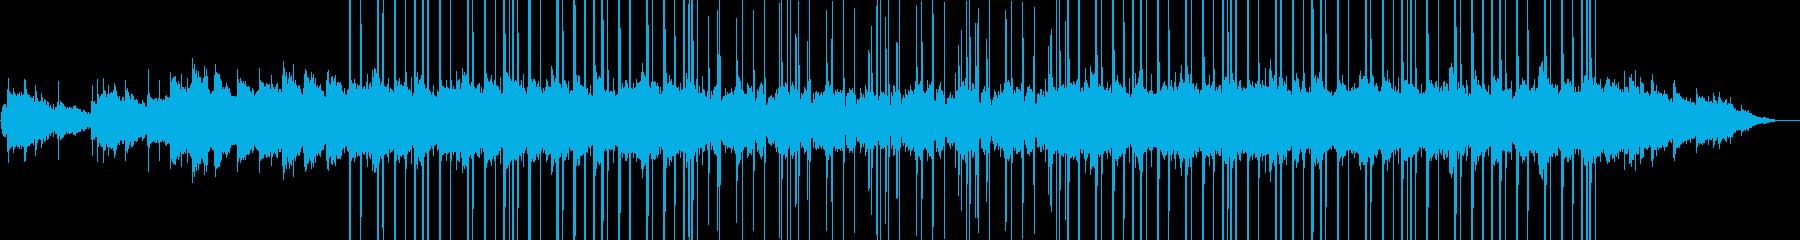 Lofi Hiphop 勉強用 哀愁の再生済みの波形